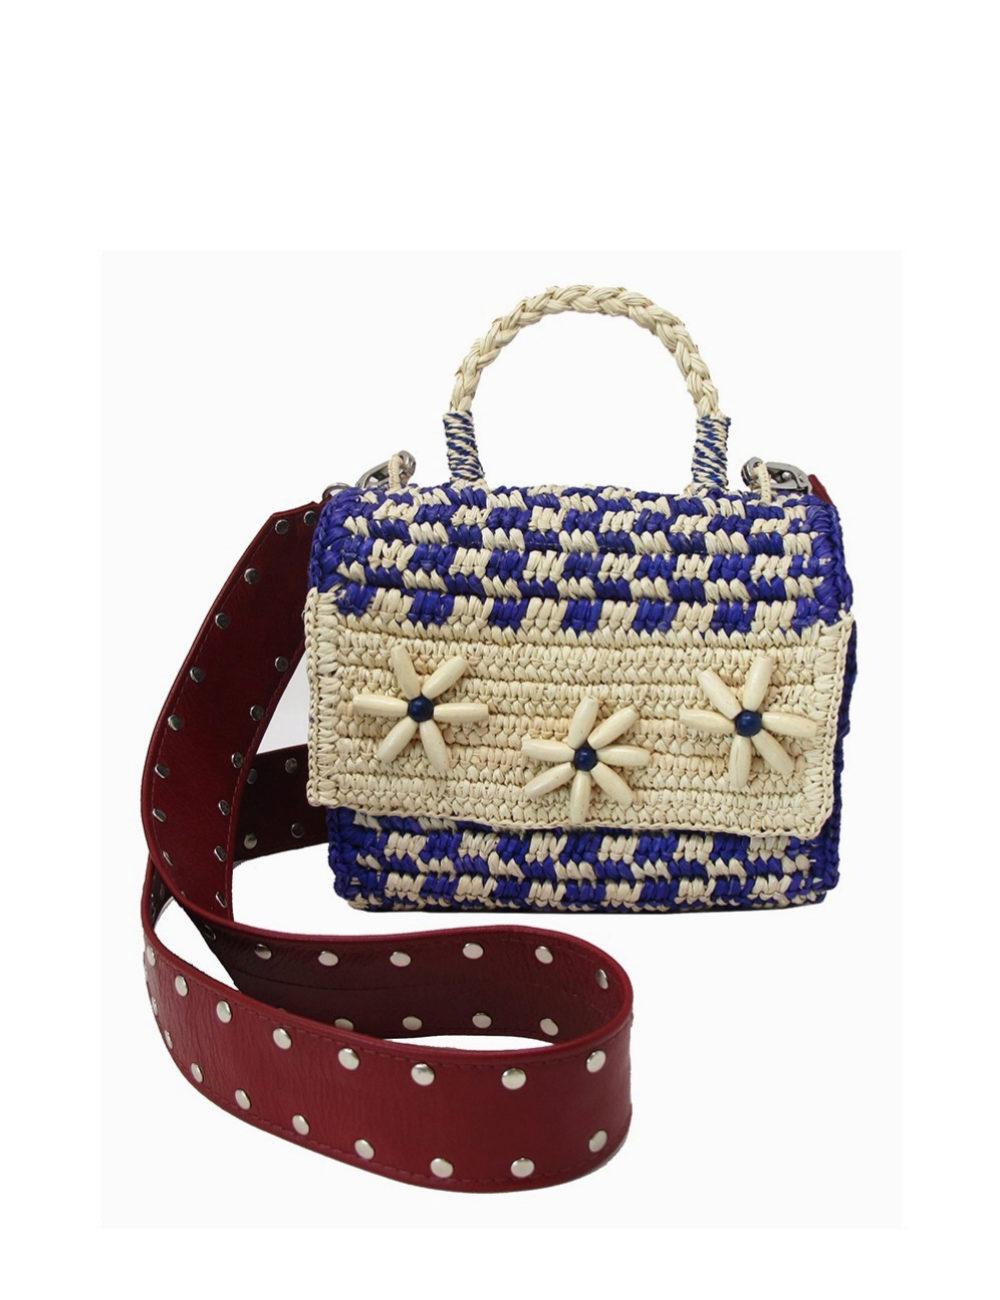 Bolso bandolera con detalles de conchas y rafia de Sensi Studio para Vasquiat (363,60¤)